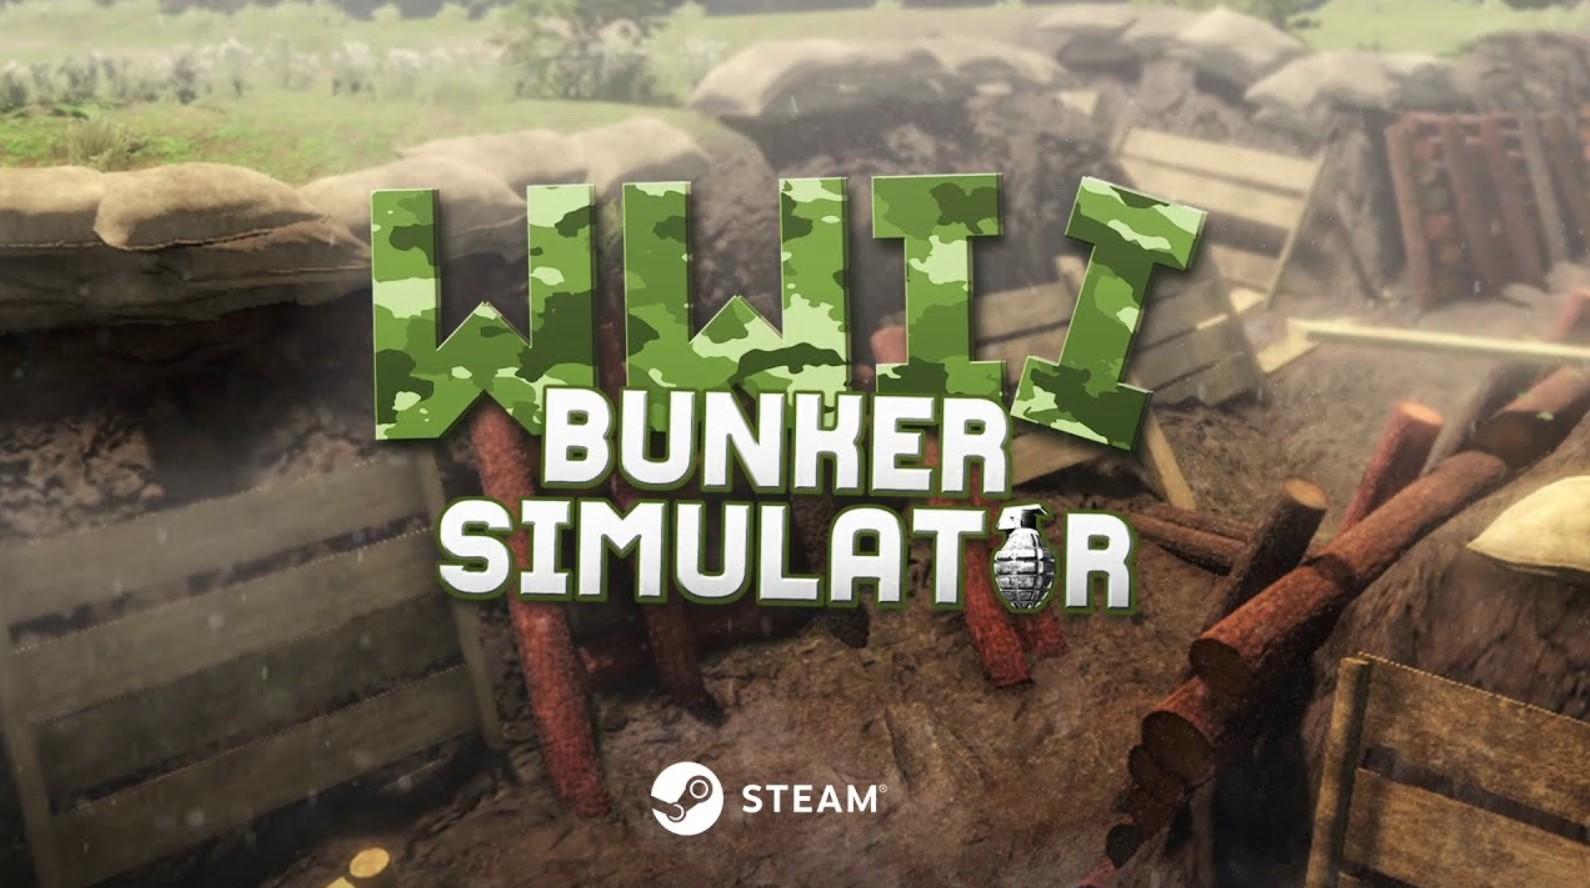 WW2 Bunker Simulator Version Full Game Free Download